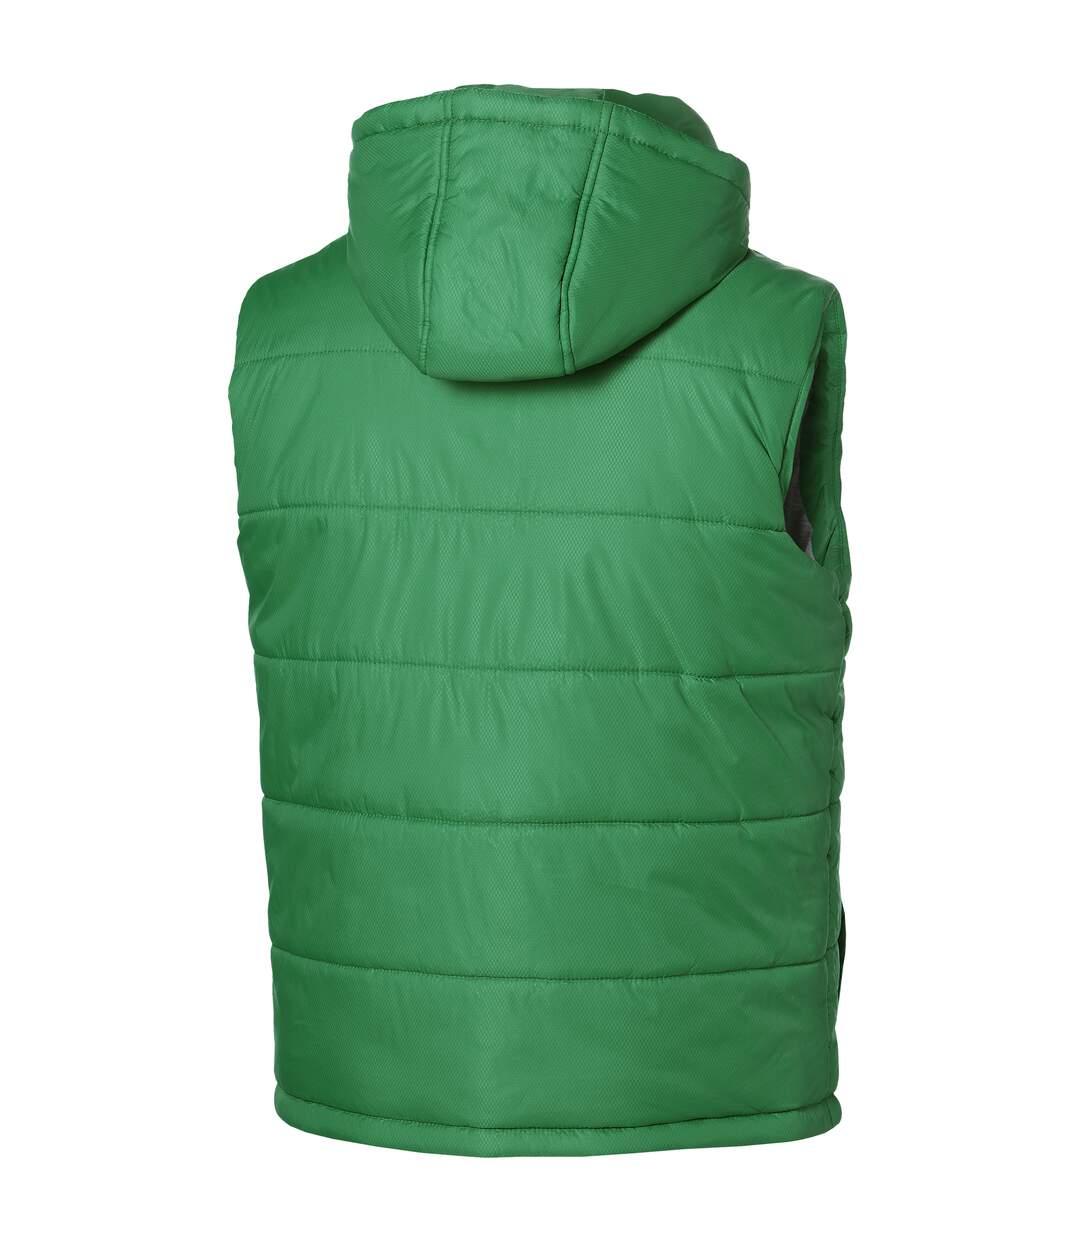 Slazenger Mens Mixed Doubles Bodywarmer (Bright Green) - UTPF1789